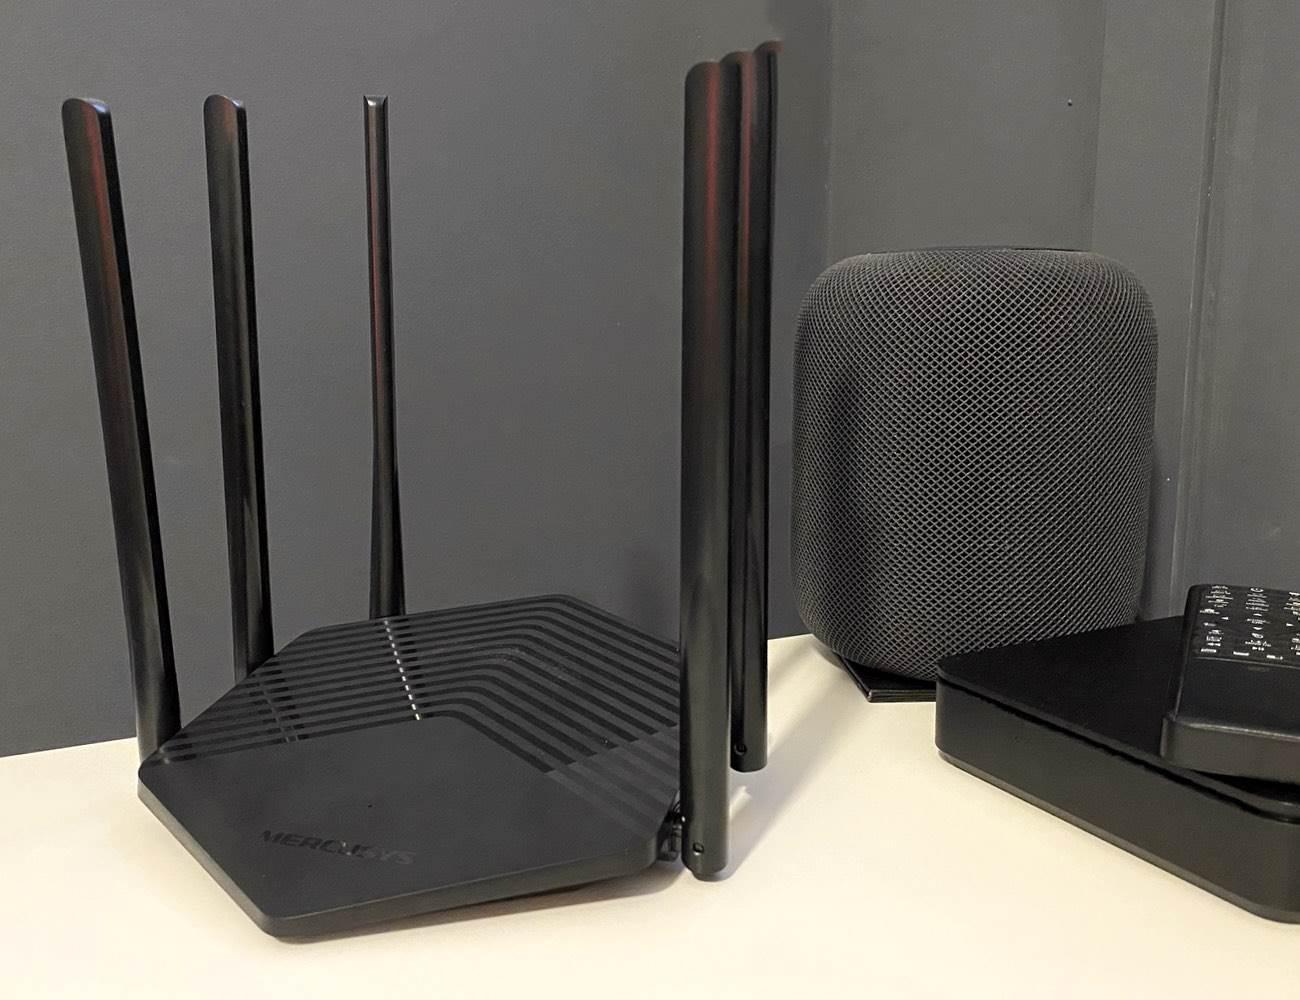 Mercusys MR50G - szybki dwupasmowy router z dużym zasięgiem do Twojego mieszkania recenzje, polecane, ciekawostki router Mercusys MR50G, Recenzja, Mercusys MR50G  Kilka tygodni temu otrzymaliśmy do testów Mercusys MR50G, czyli niewielki kompaktowy router z sześcioma antenami zapewniającymi spory zasięg i szybkim Wi-Fi AC. M 2